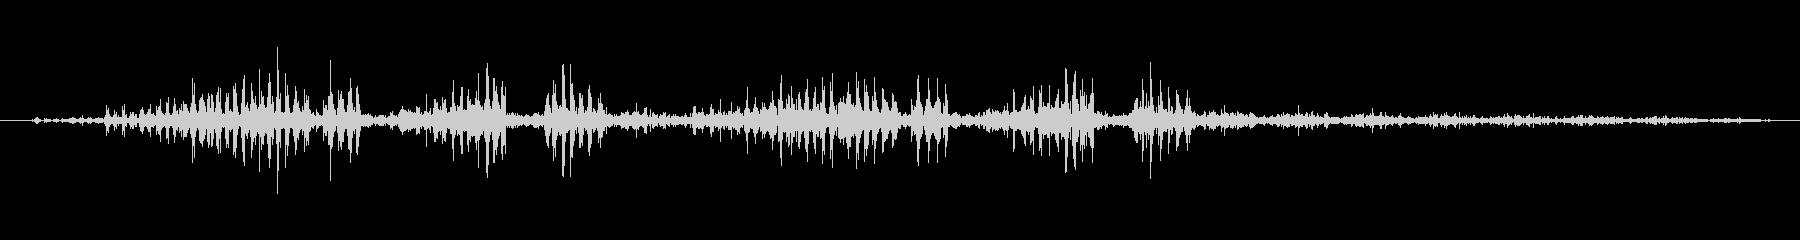 環境音 特撮フラッター03の未再生の波形